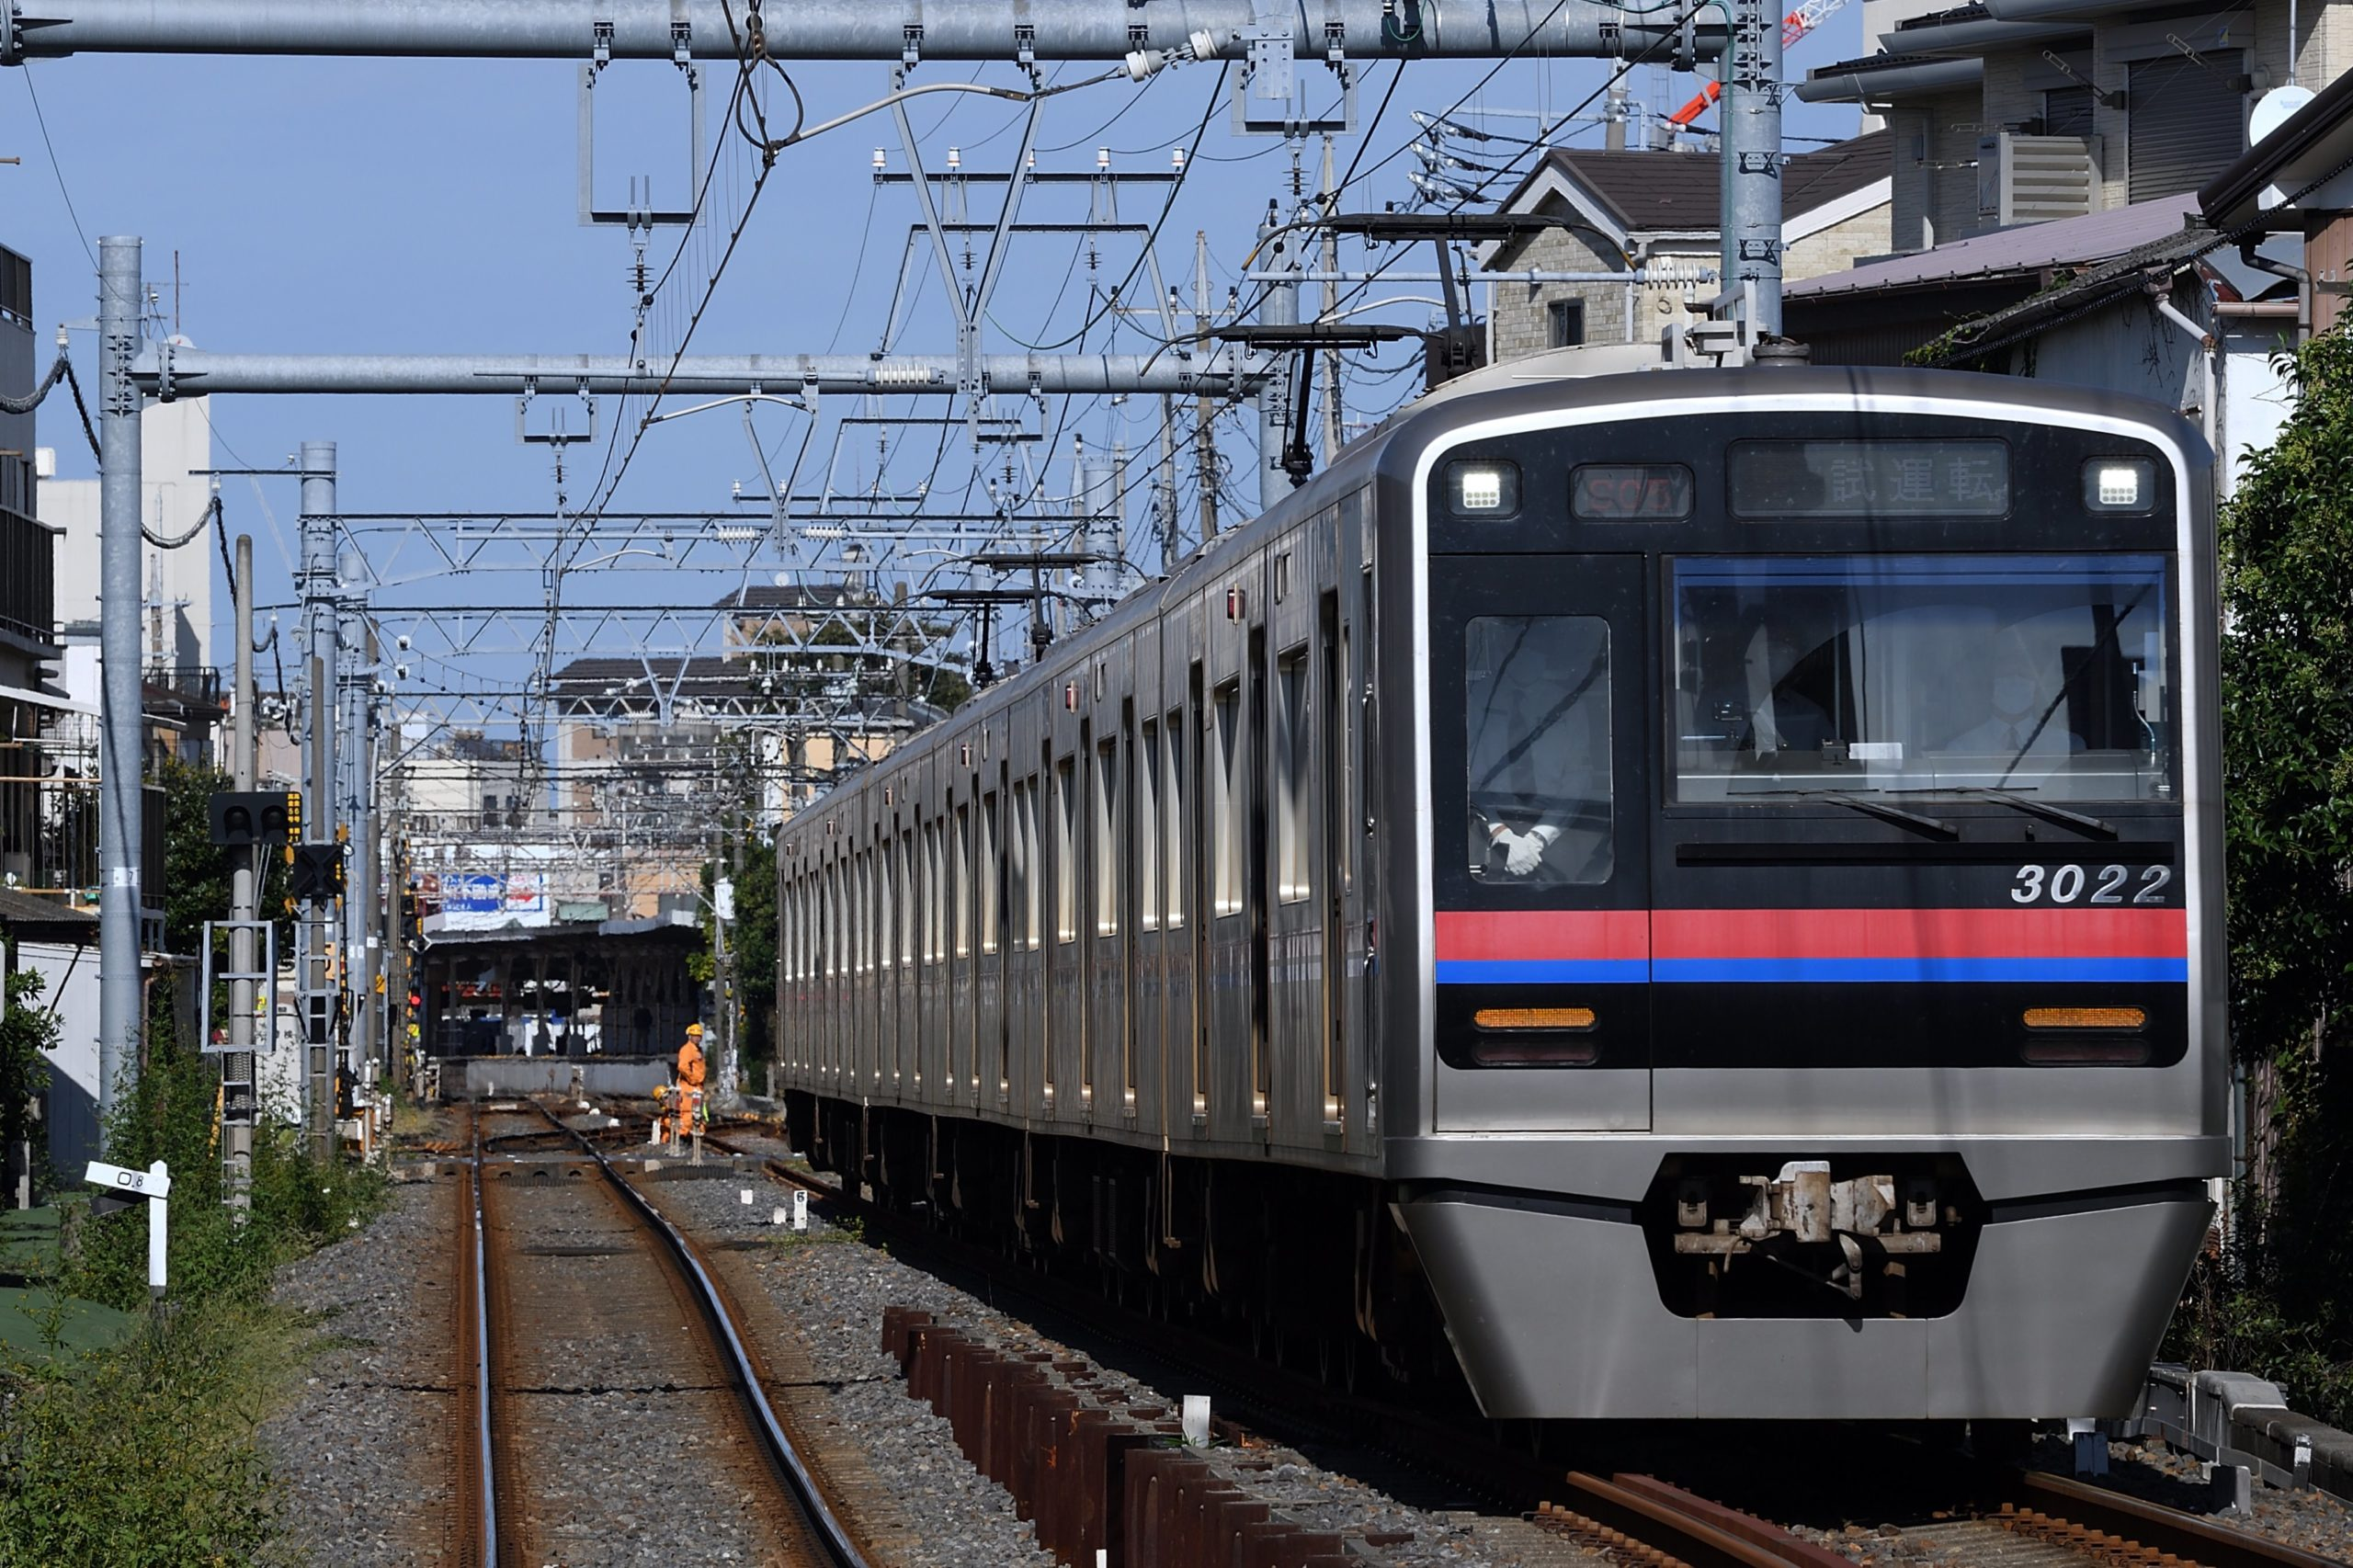 【驚愕】京成3000形6両編成が金町線に初入線 一体何を計画しているのか